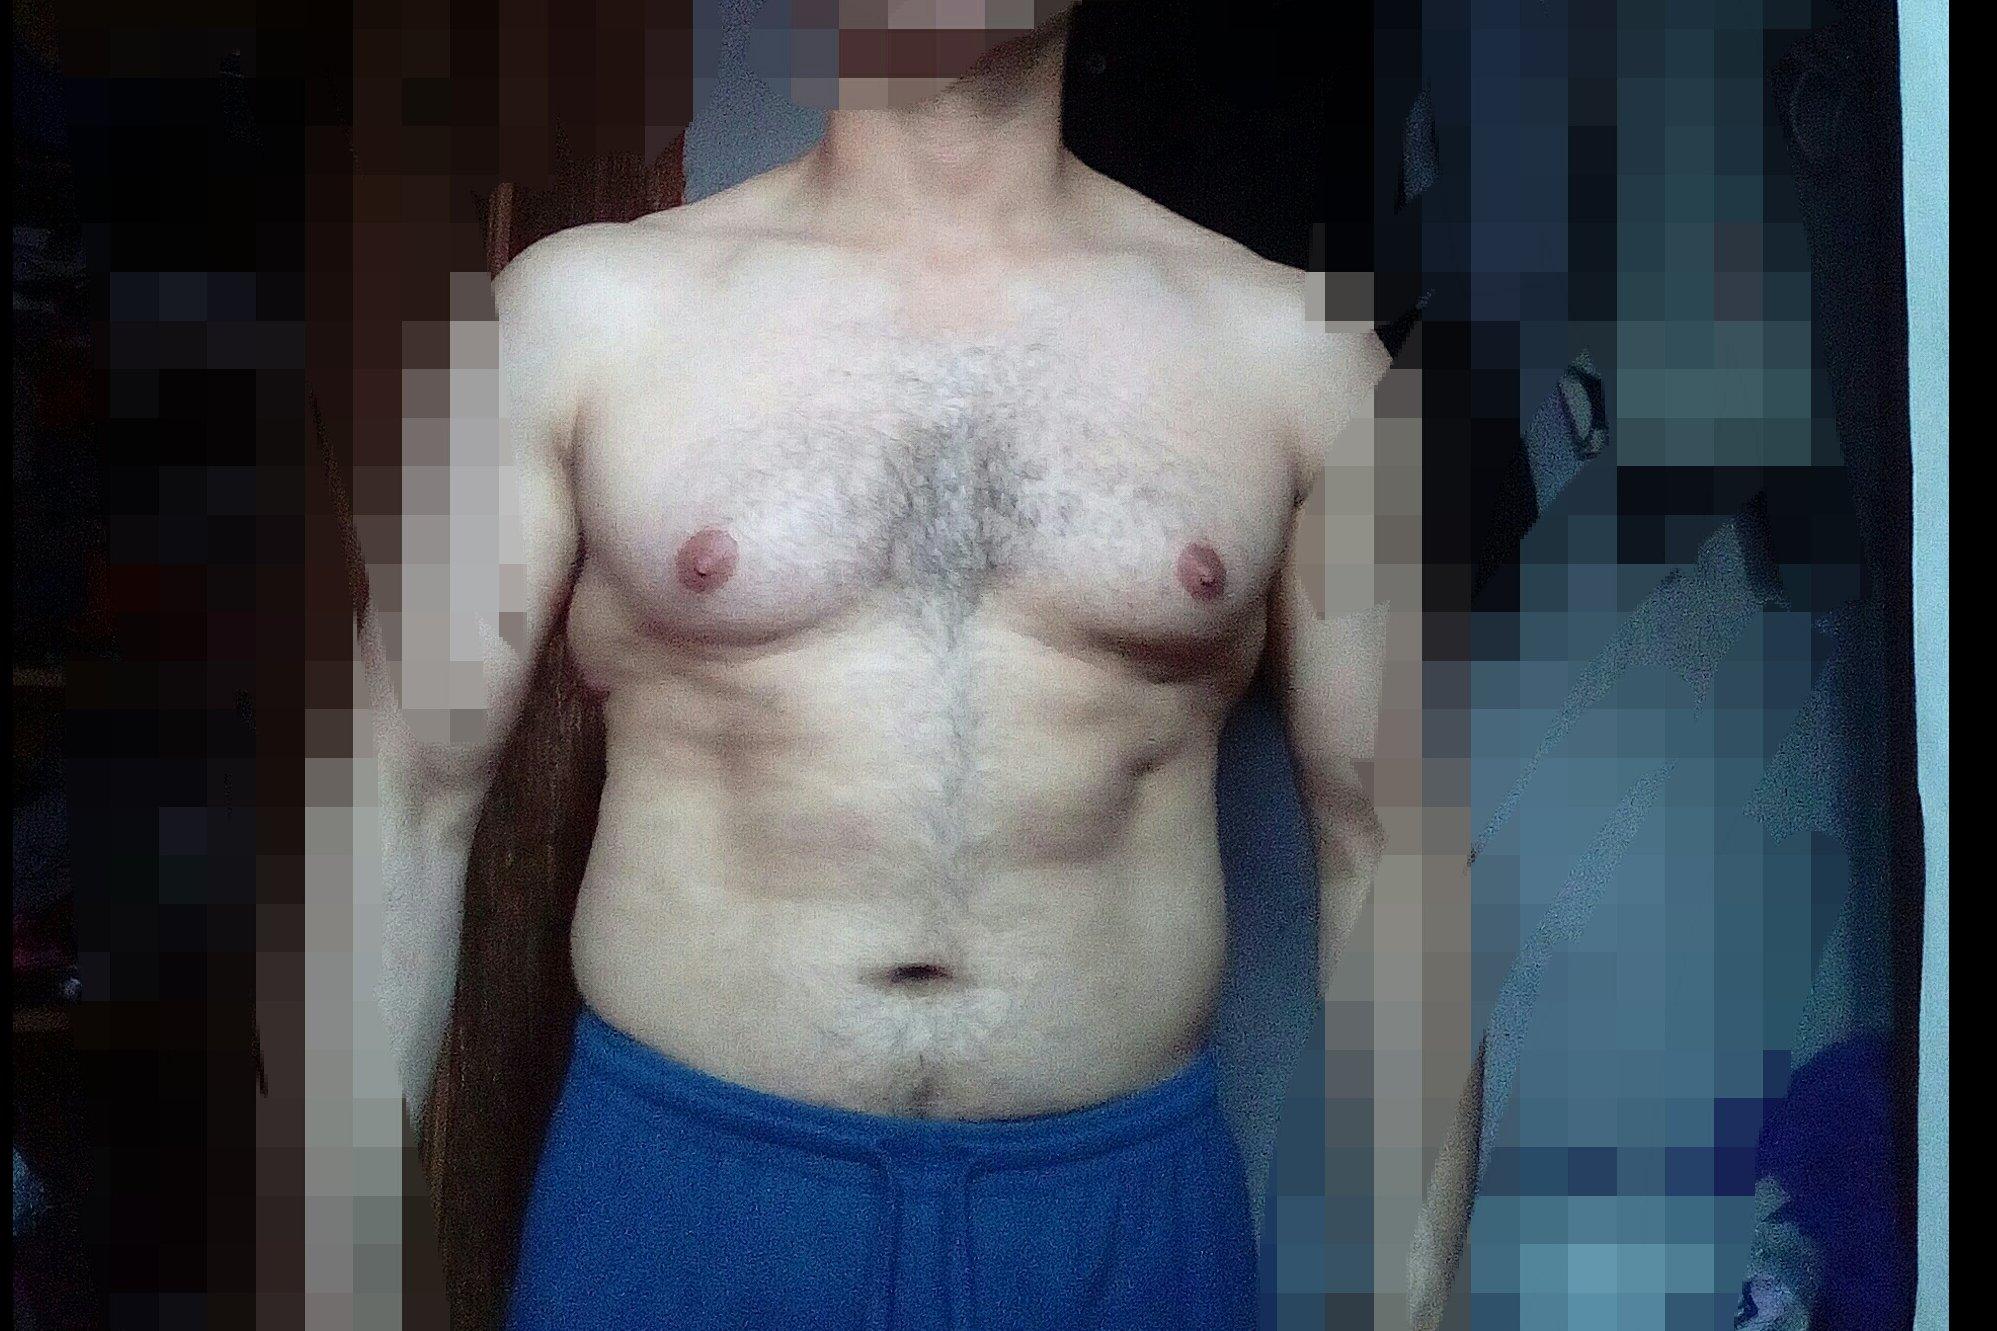 Me gustaria saber si tengo ginecomastia y si es nesesario realizar una cirujia - 6045